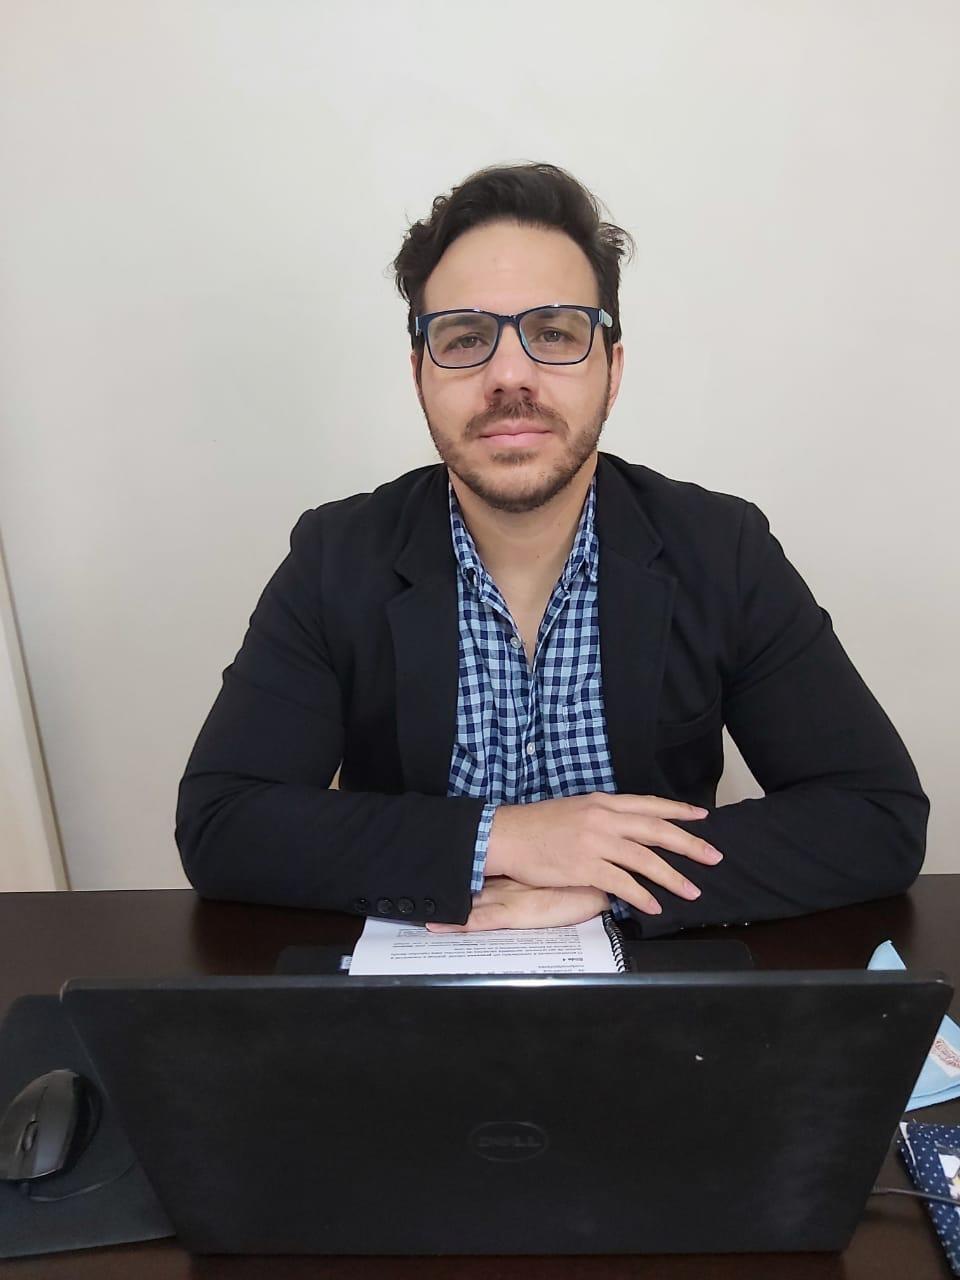 Professor de SC relata transtornos com indisponibilidade de plataforma que reúne currículo de pesquisadores: 'dificulta bastante o trabalho'